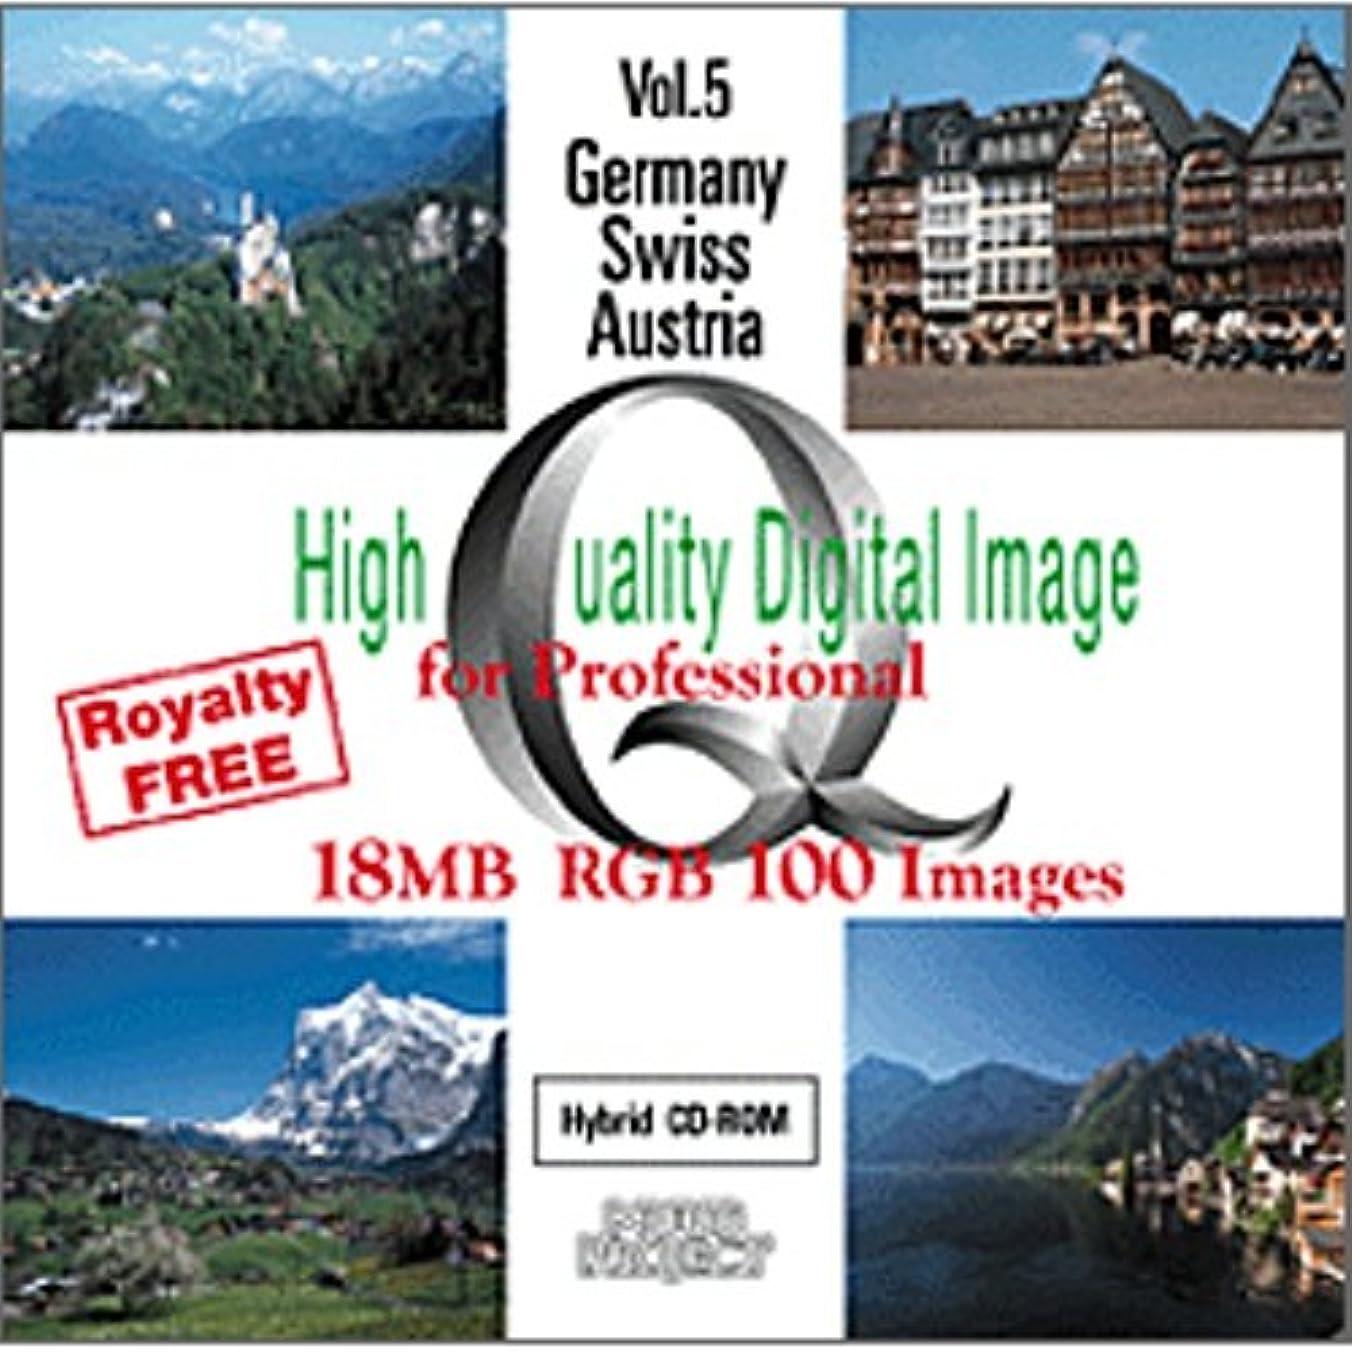 すばらしいです選挙中止しますHigh Quality Digital Image for Professional Vol.005 ドイツ?スイス?オーストリア